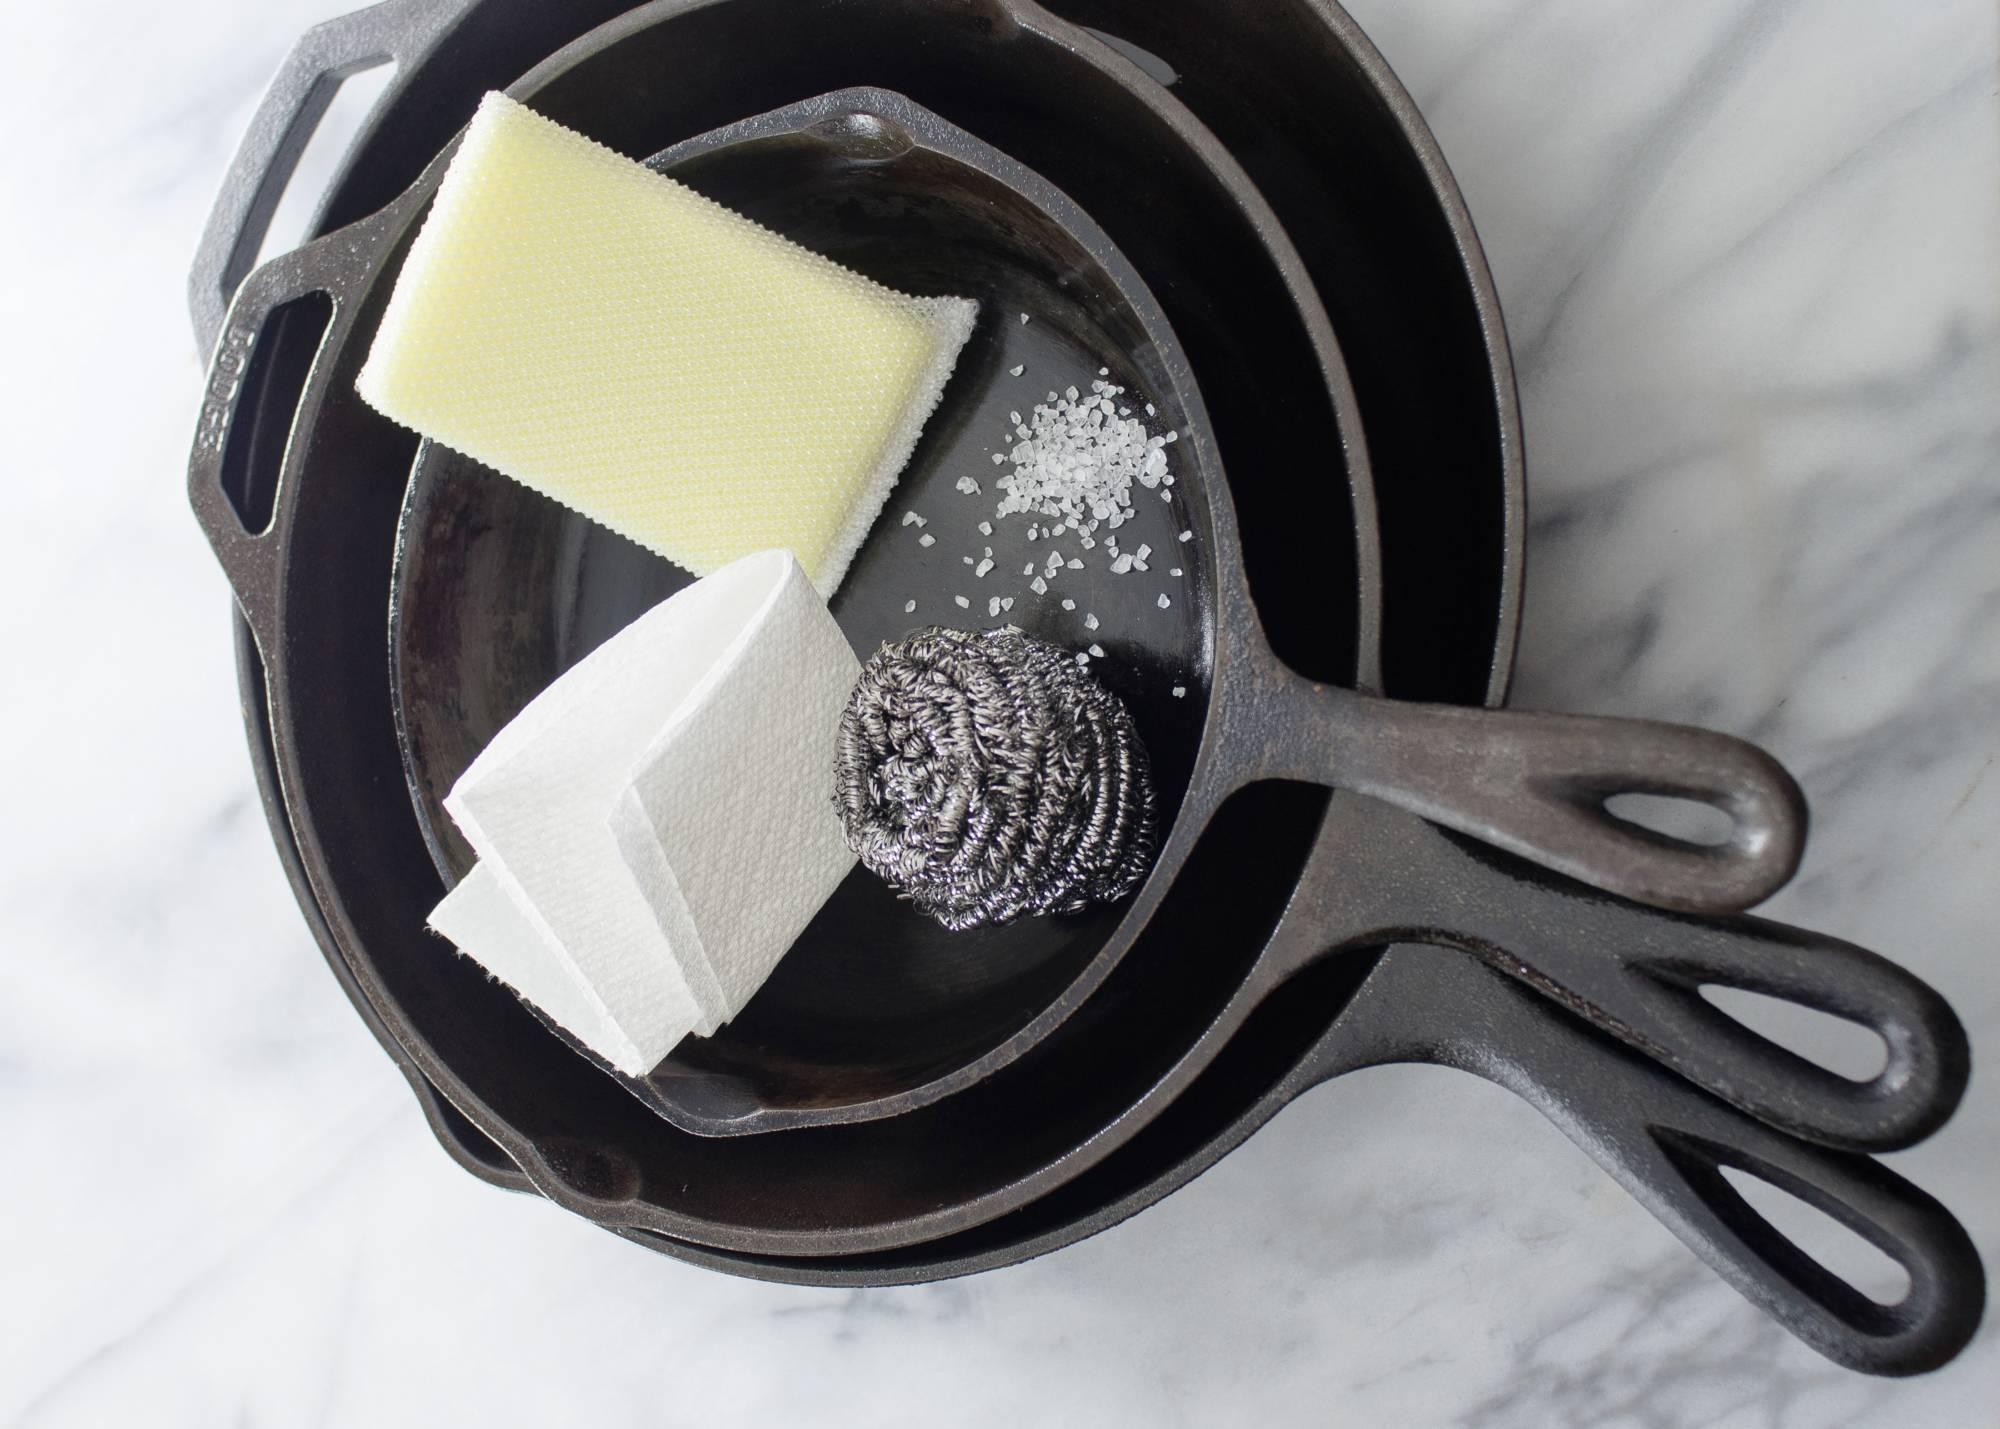 Обзор способов устранить нагар и жир на сковороде снаружи